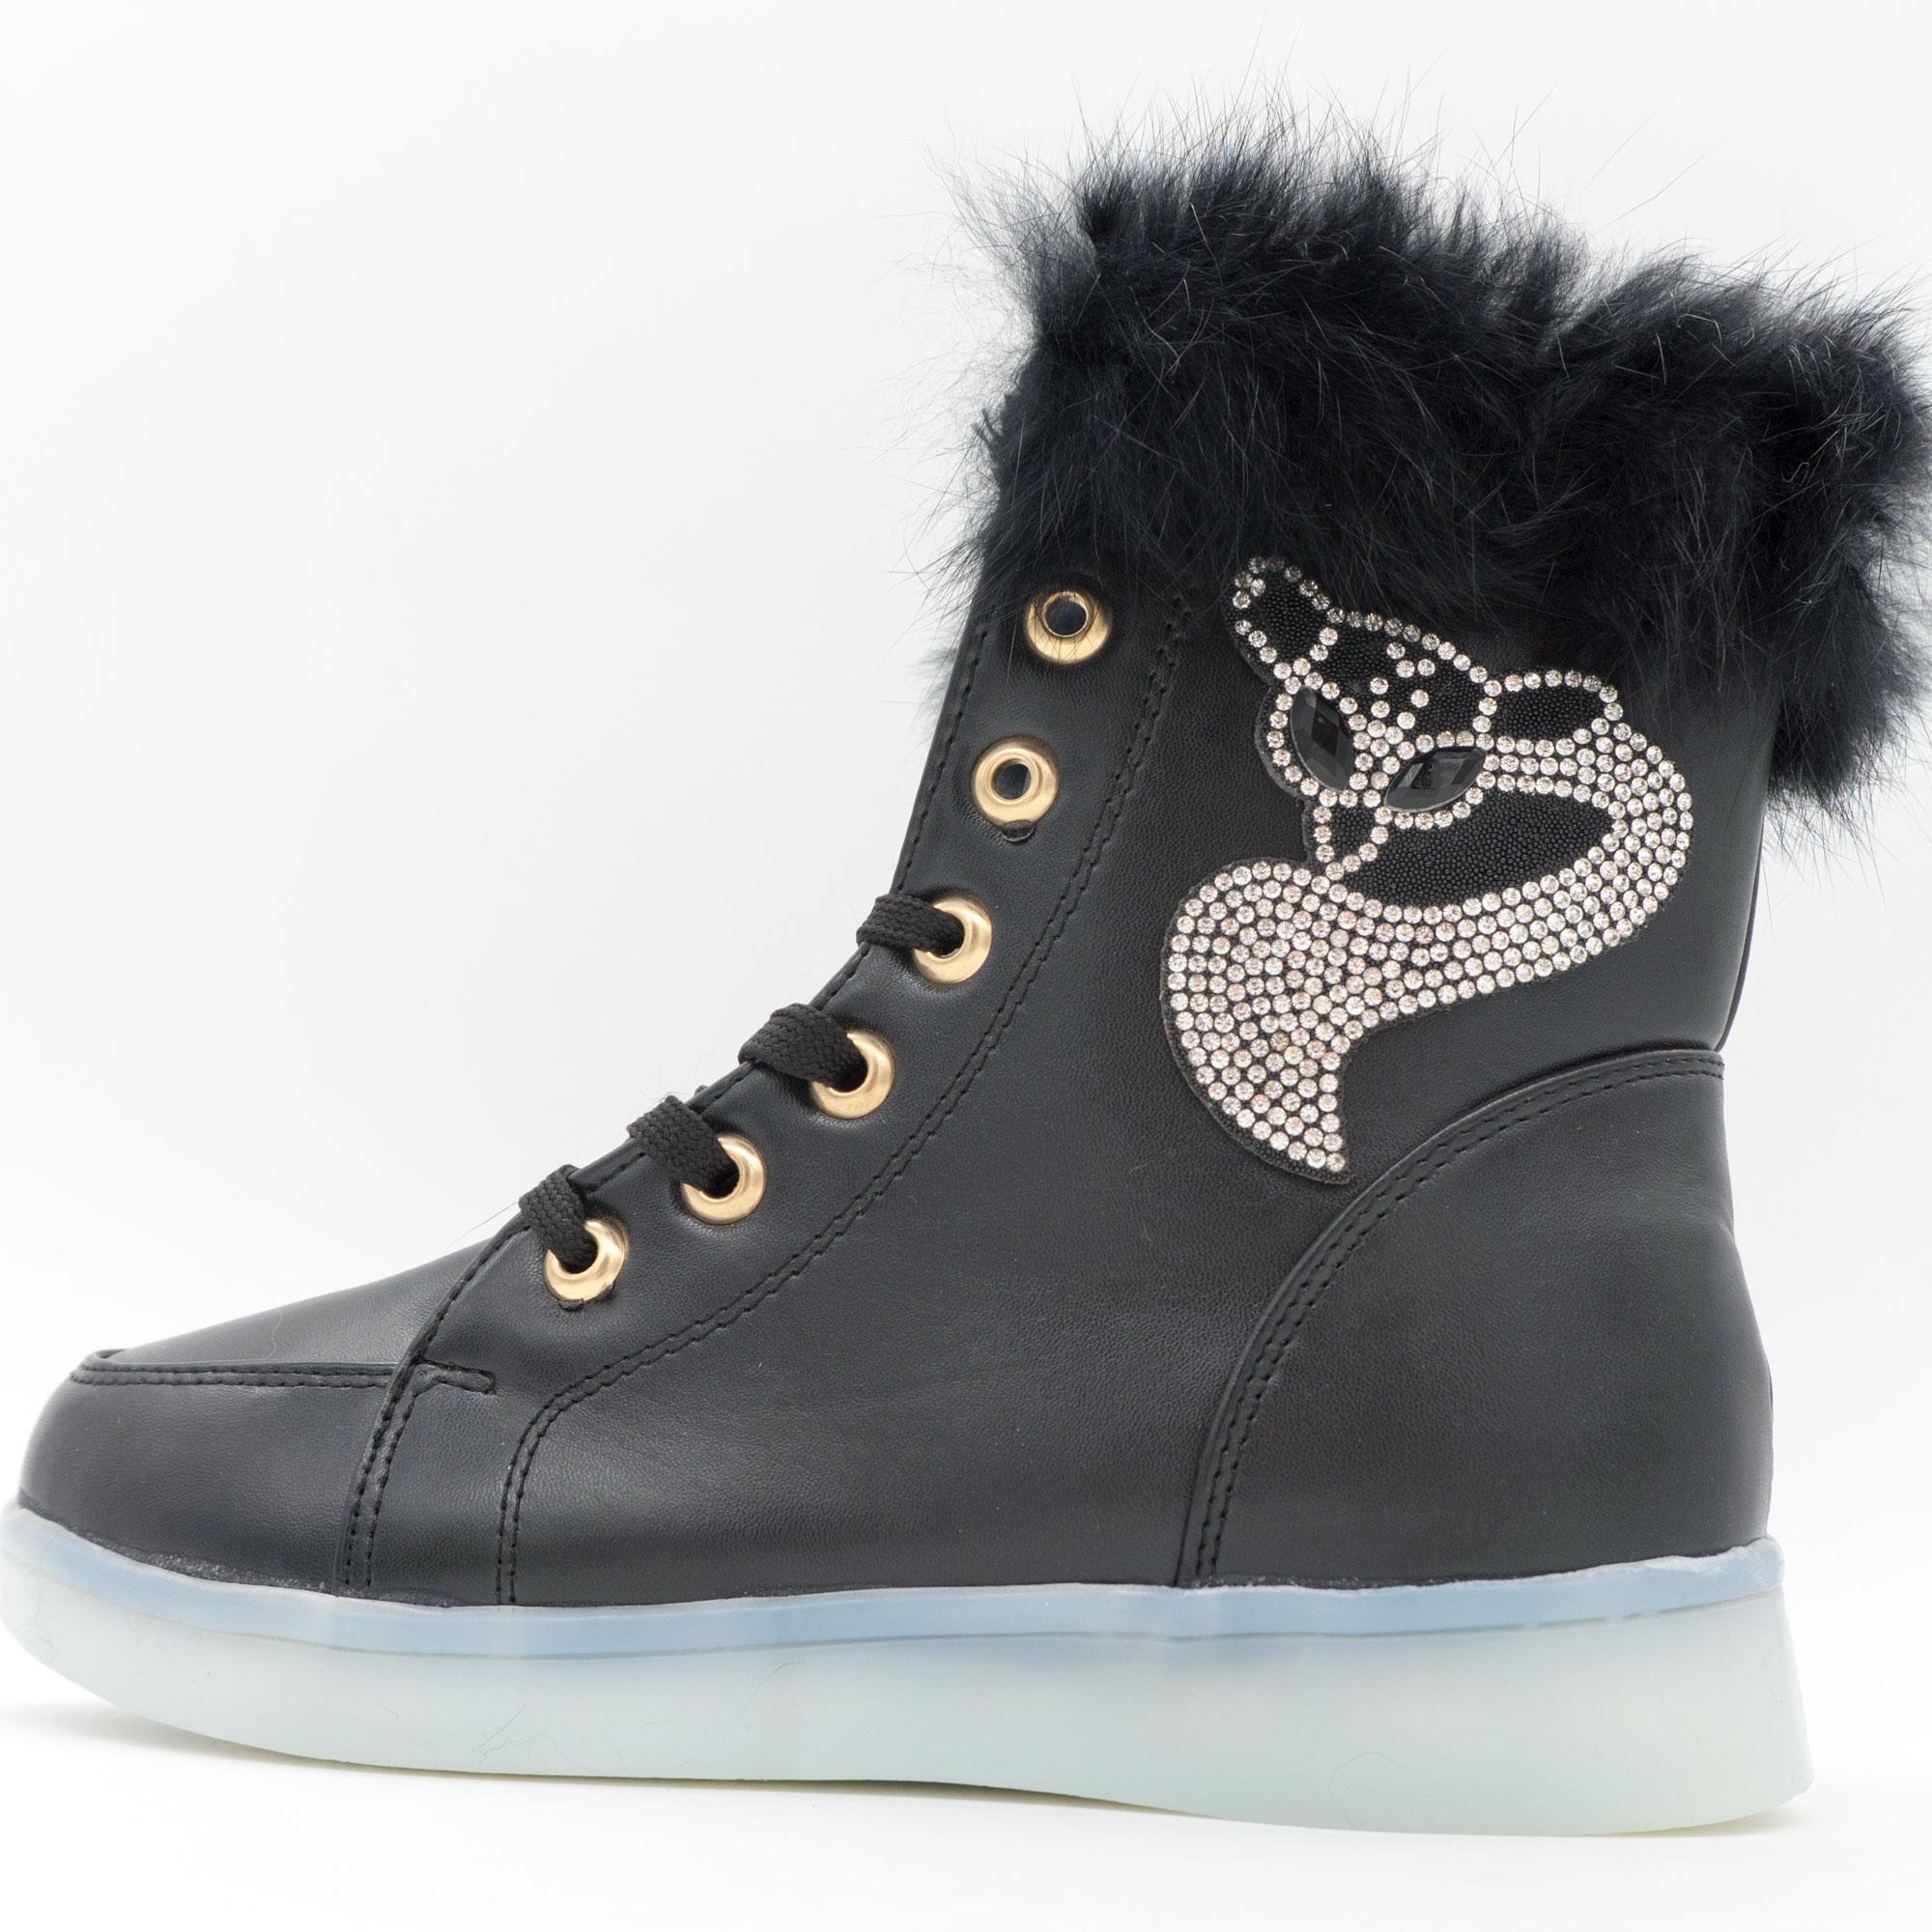 фото front Зимние светящиеся кроссовки Led на меху - черные с пультом front